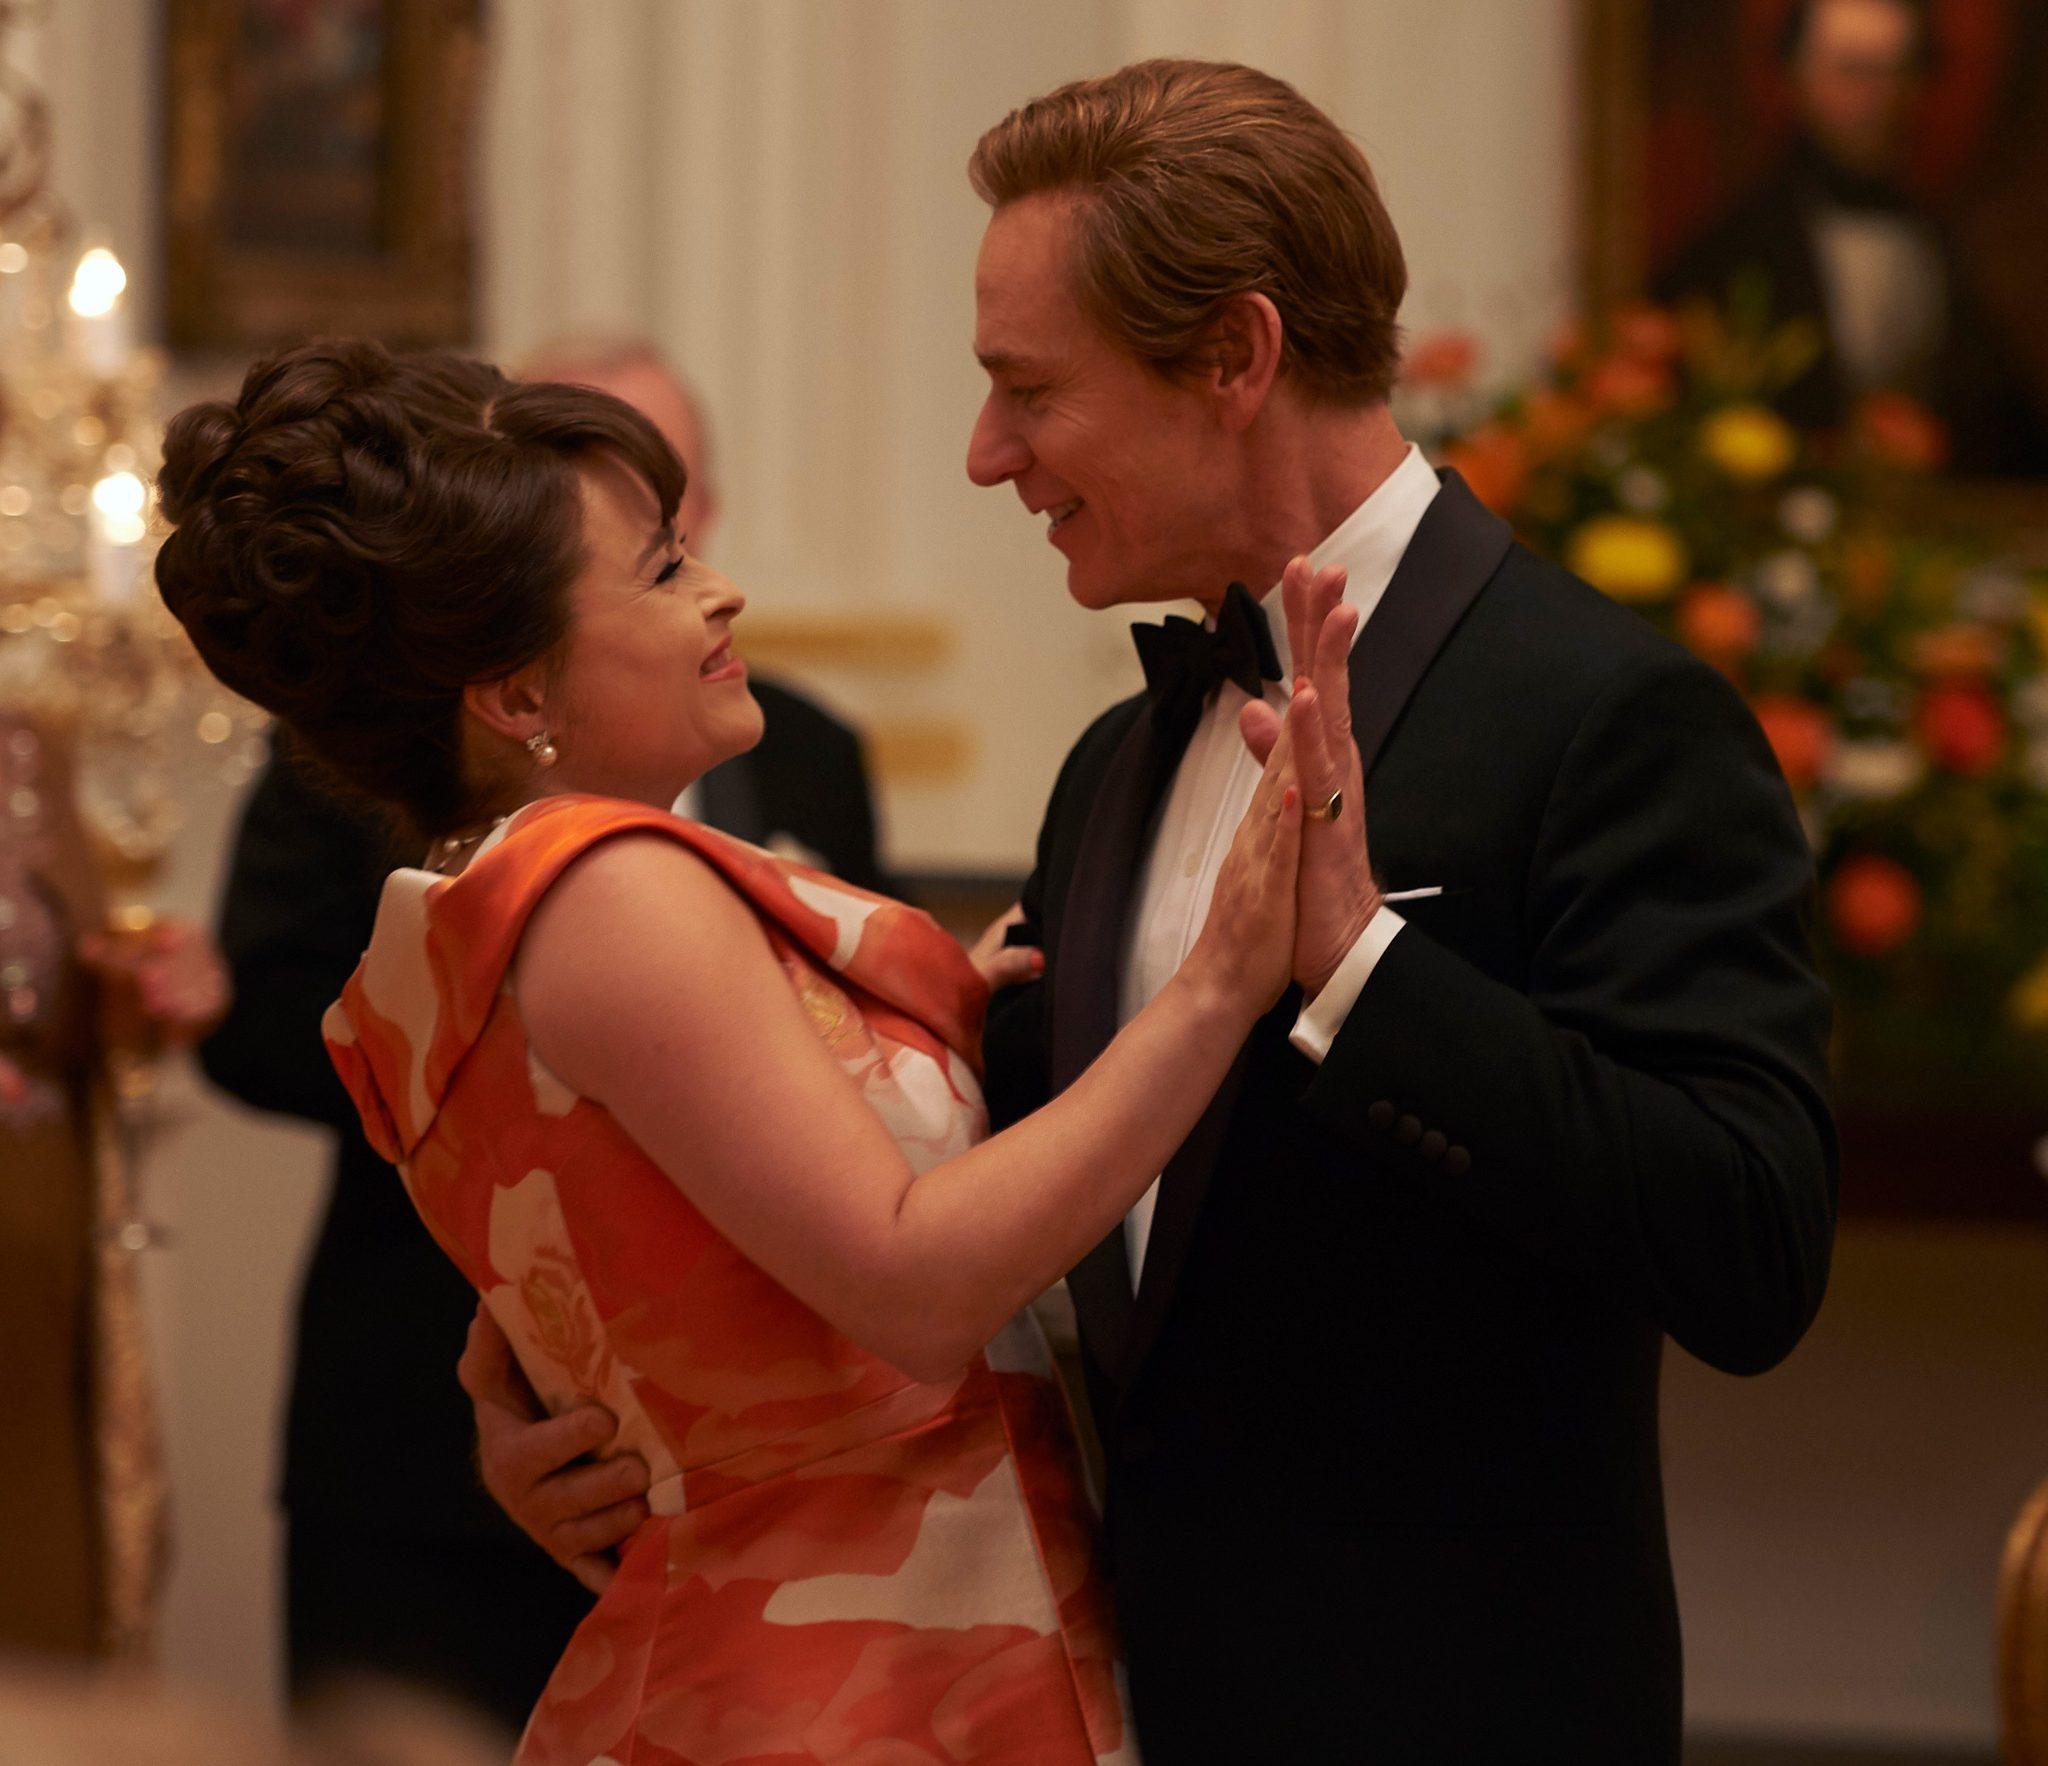 La princesa Margarita baila con el presidente Johnson en The Crown 3.